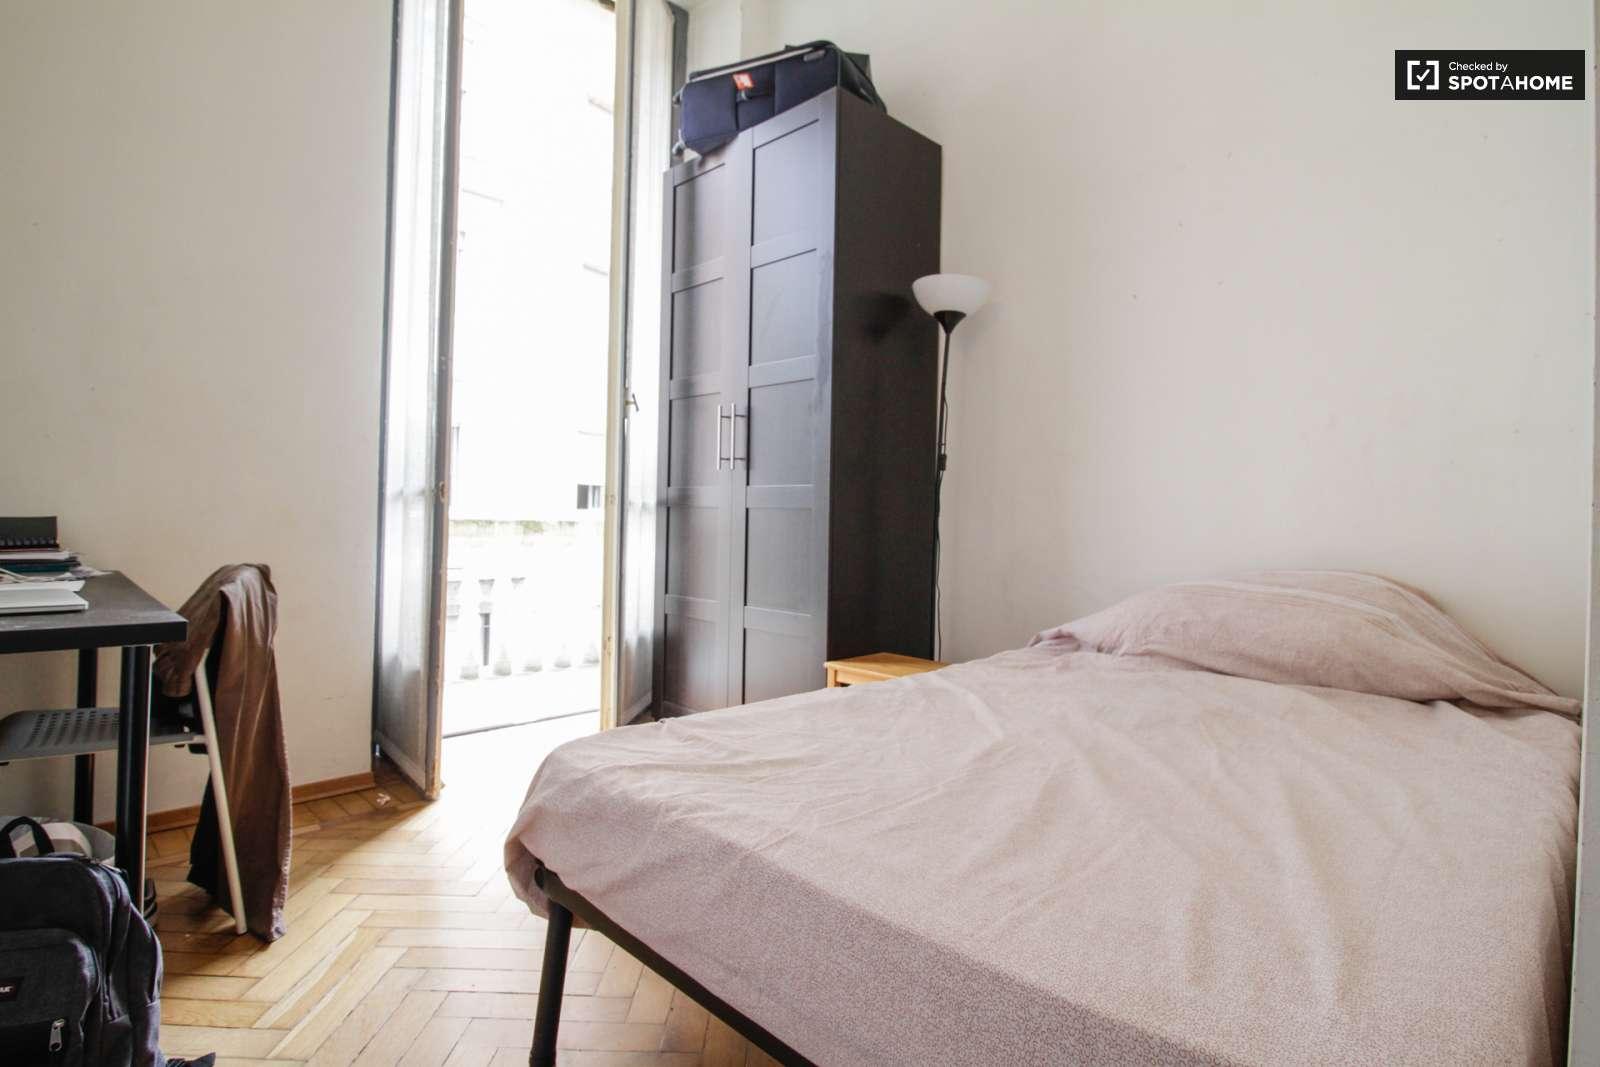 Camera con bagno in appartamento con 3 camere da letto a Vanchiglia ...